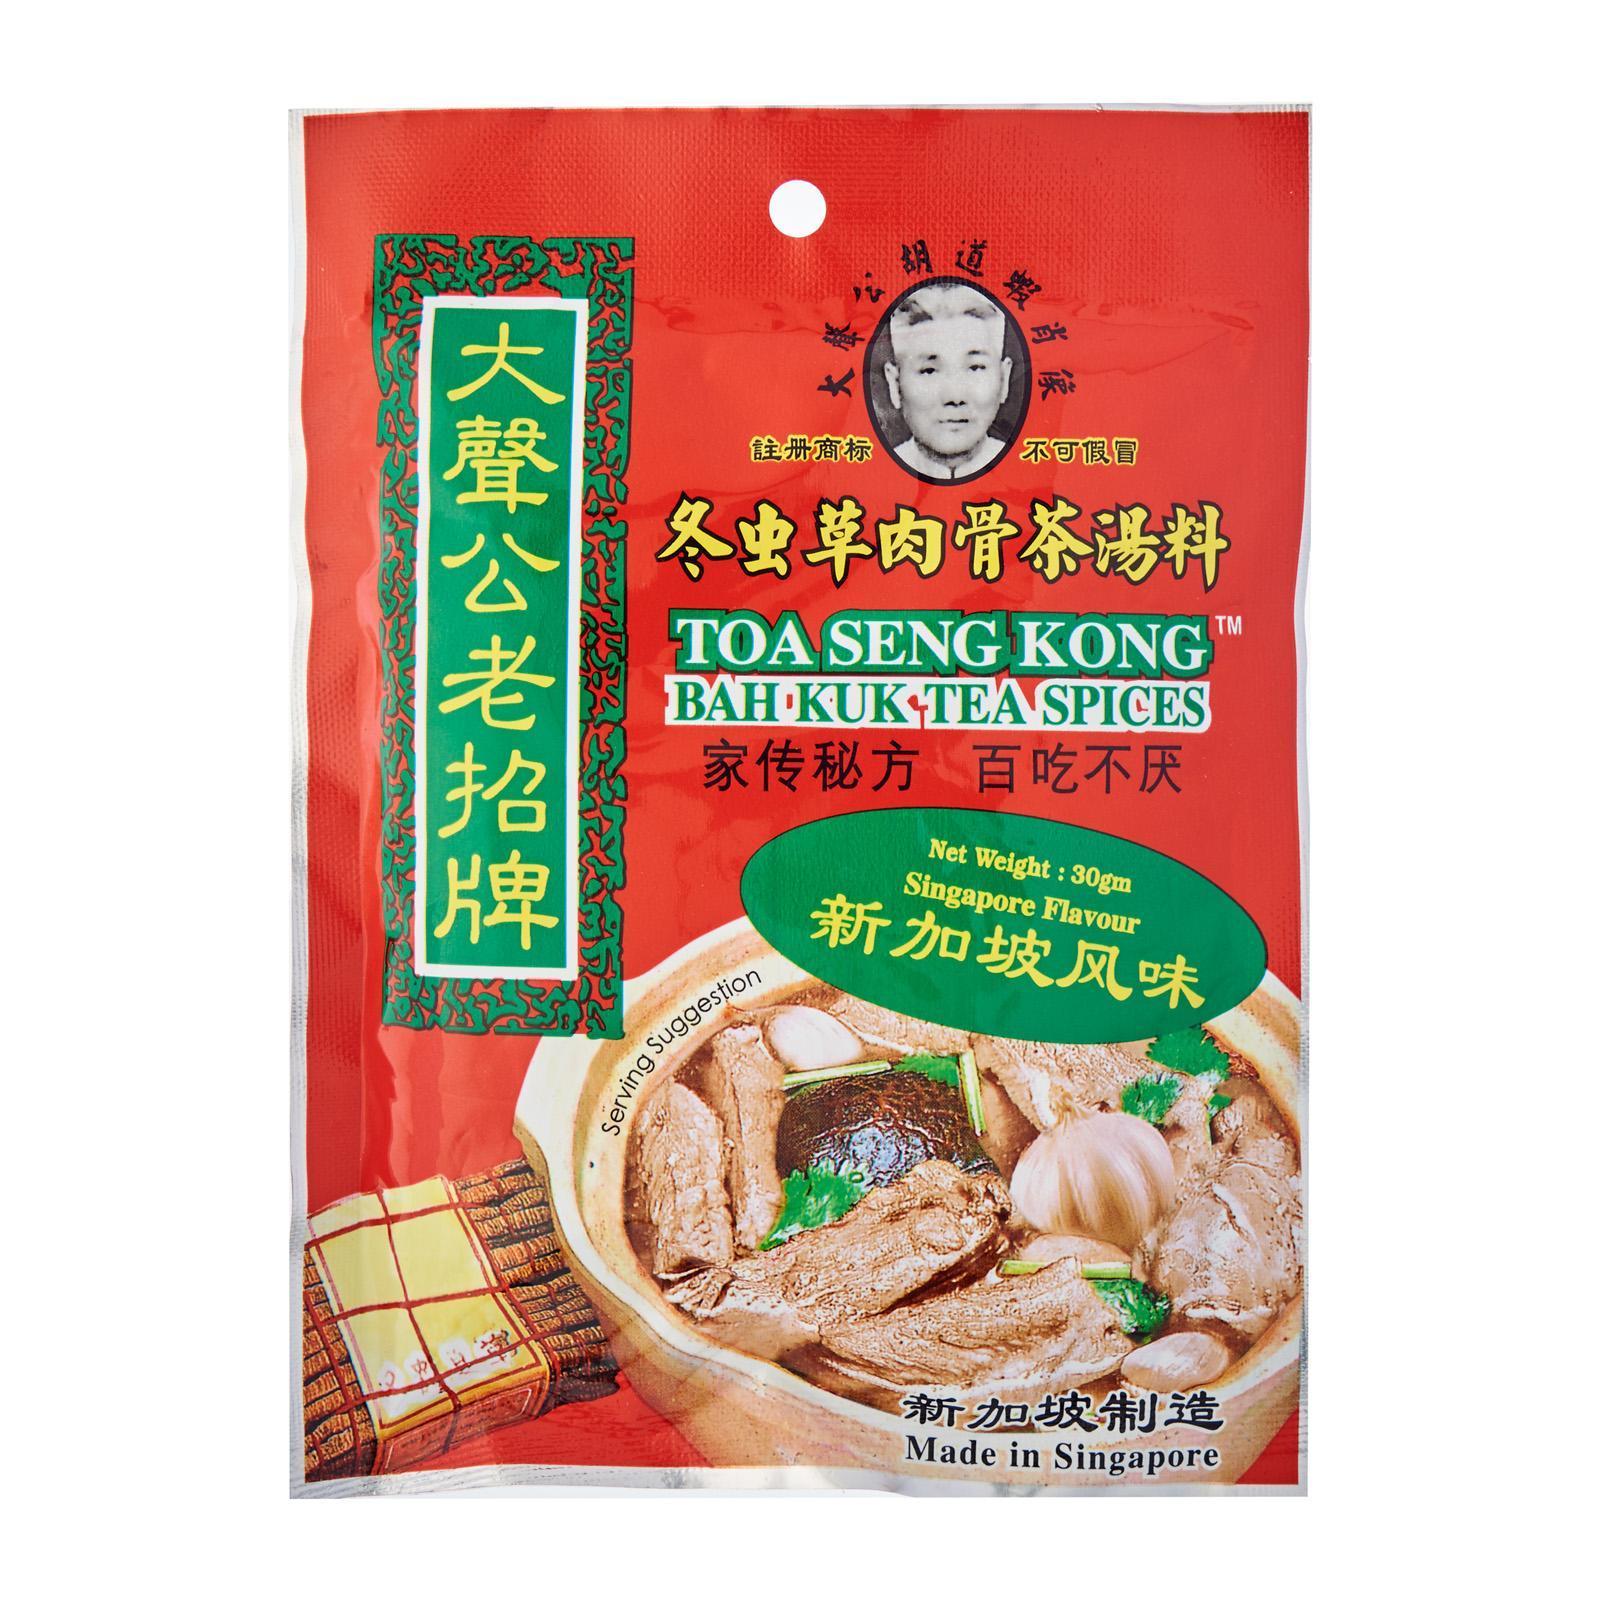 Toa Seng Kong Tsk Bak Kut Teh - By FOOD SERVICE